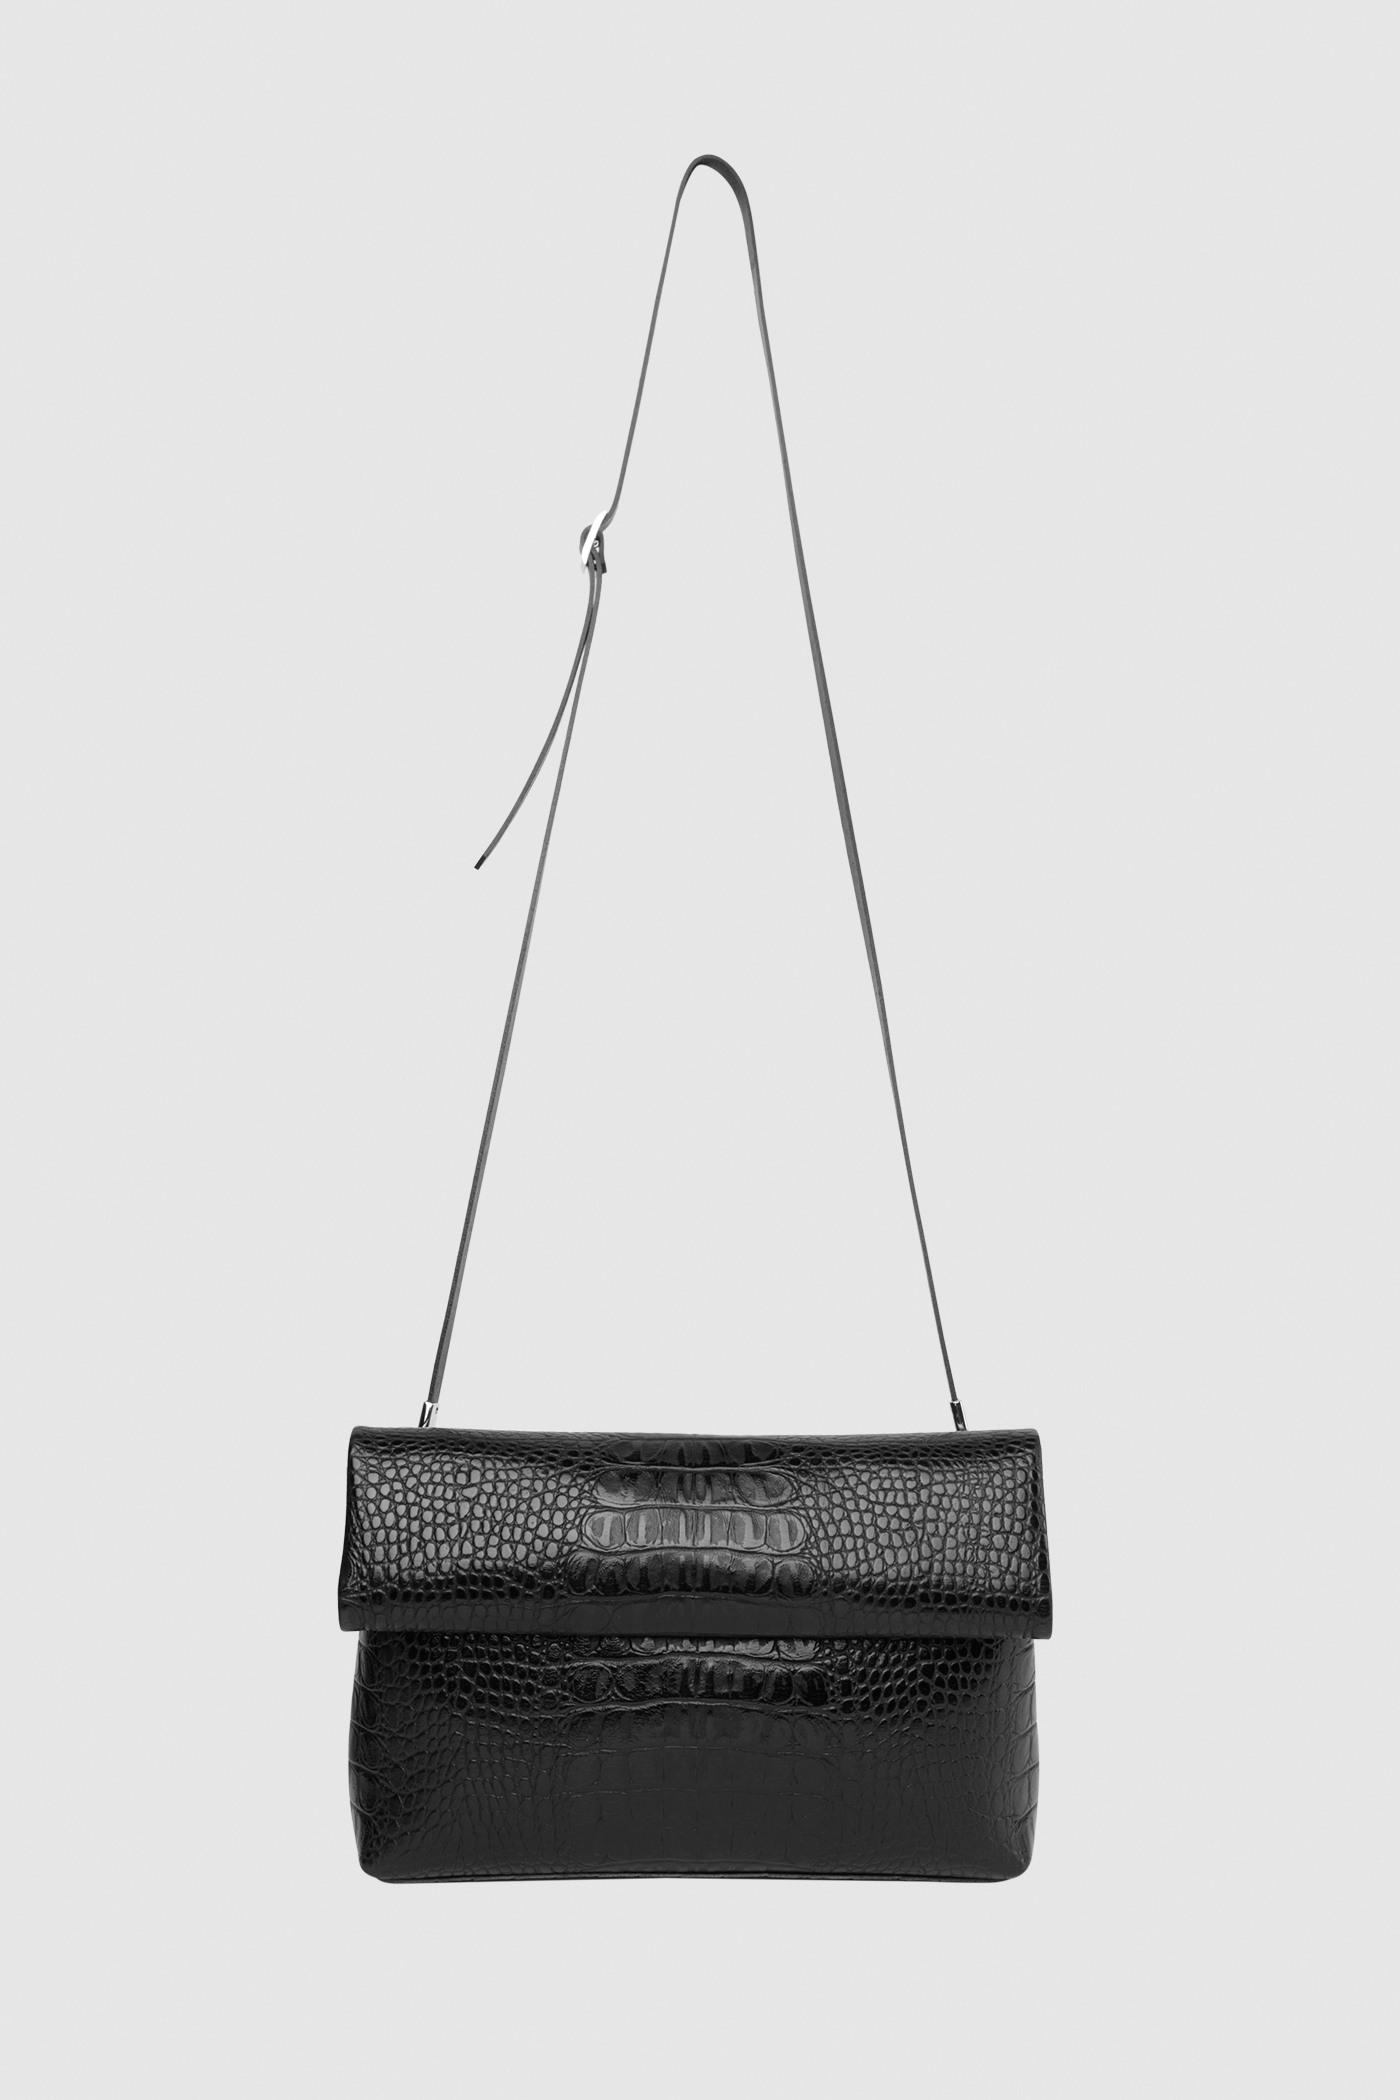 Сумка-клатч с двумя ремнямиСумка-клатч с двойным заворотом на ремешке&#13;<br>Выполнена в виде бумажного пакета с завернутым верхним краем. Задний карман на молнии. Внутреннее отделение на подкладке застегивается сверху на молнию. Два съемных ремешка в комплекте: узкий и широкий на выбор. К данной модели сумки вы сможете подобрать любой дополнительный съемный ремешок в широкой цветовой палитре из раздела &gt; Дополнительные аксессуары&#13;<br>&#13;<br>Размеры&#13;<br>Высота: 17 см&#13;<br>Длина: 25 см&#13;<br>Глубина: 5 см&#13;<br>Высота ремешка: max 122 - min 96 см<br><br>Цвет: Чёрный крокодил